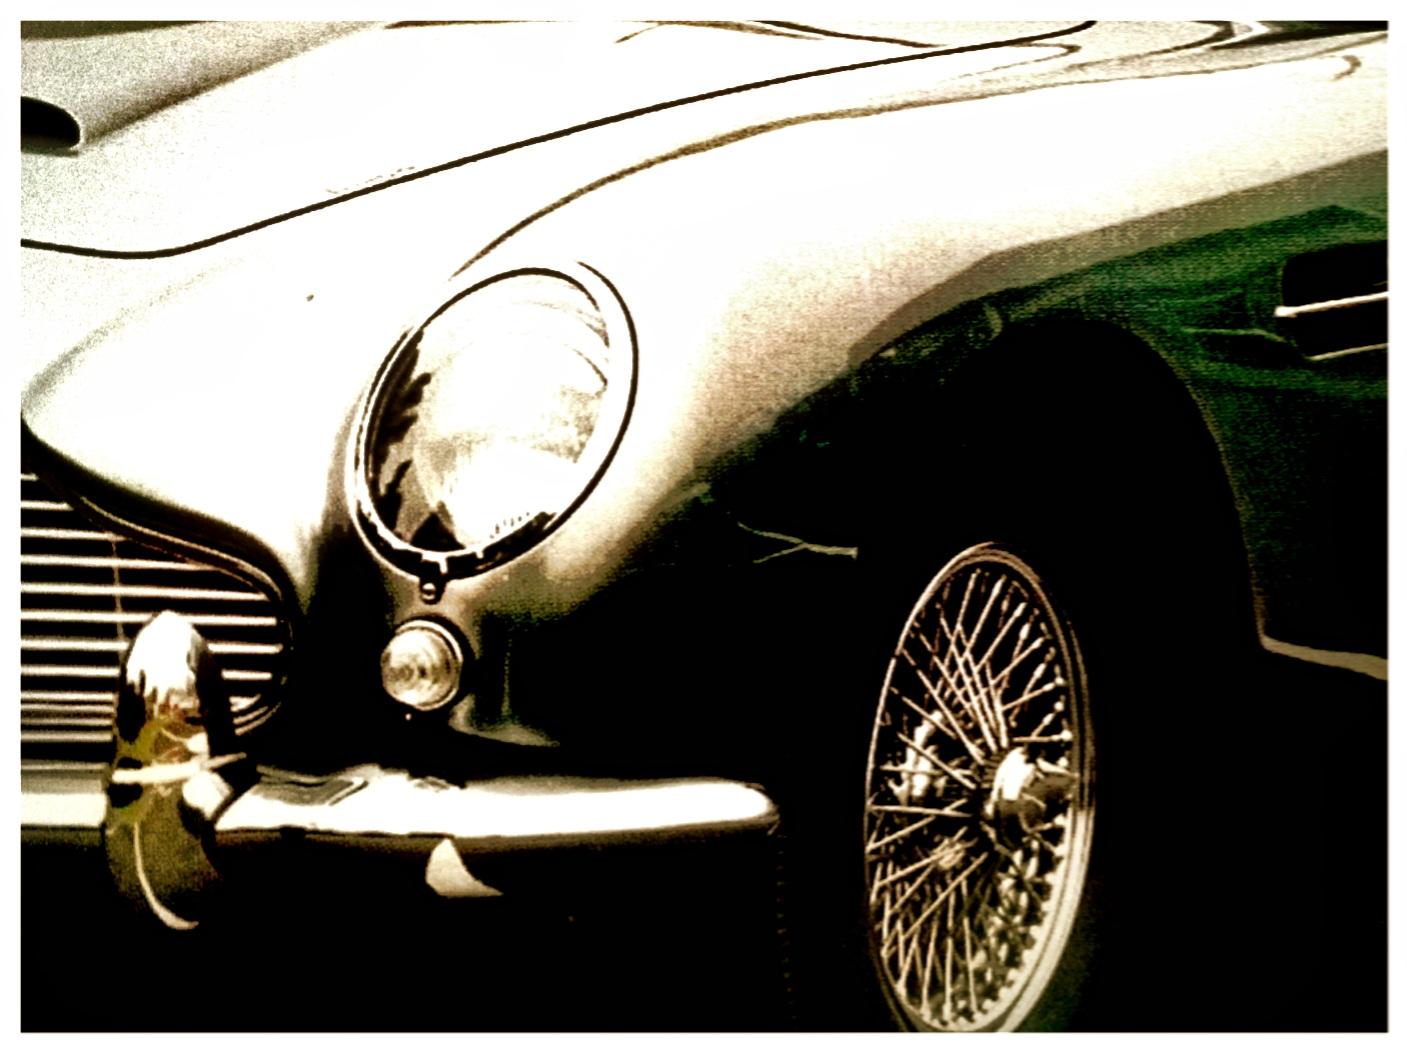 Aston Martin, die Kultmarke, hier der DB5 wie von James Bond